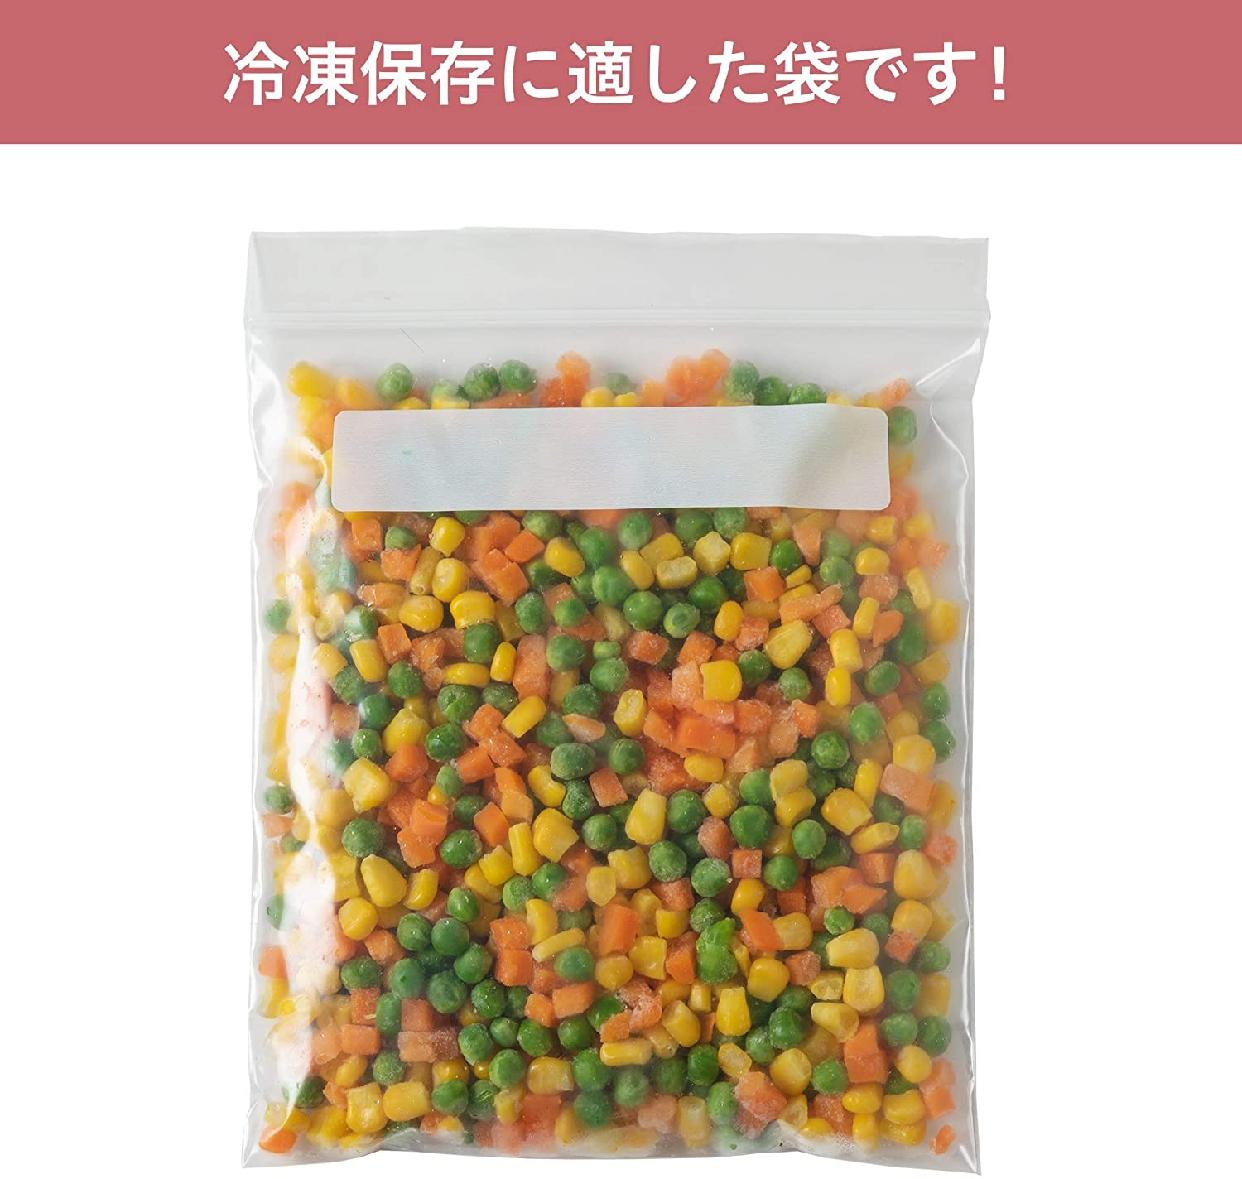 チャックさん保存袋 チャックさん冷凍保存袋 中 CZ-50の商品画像4